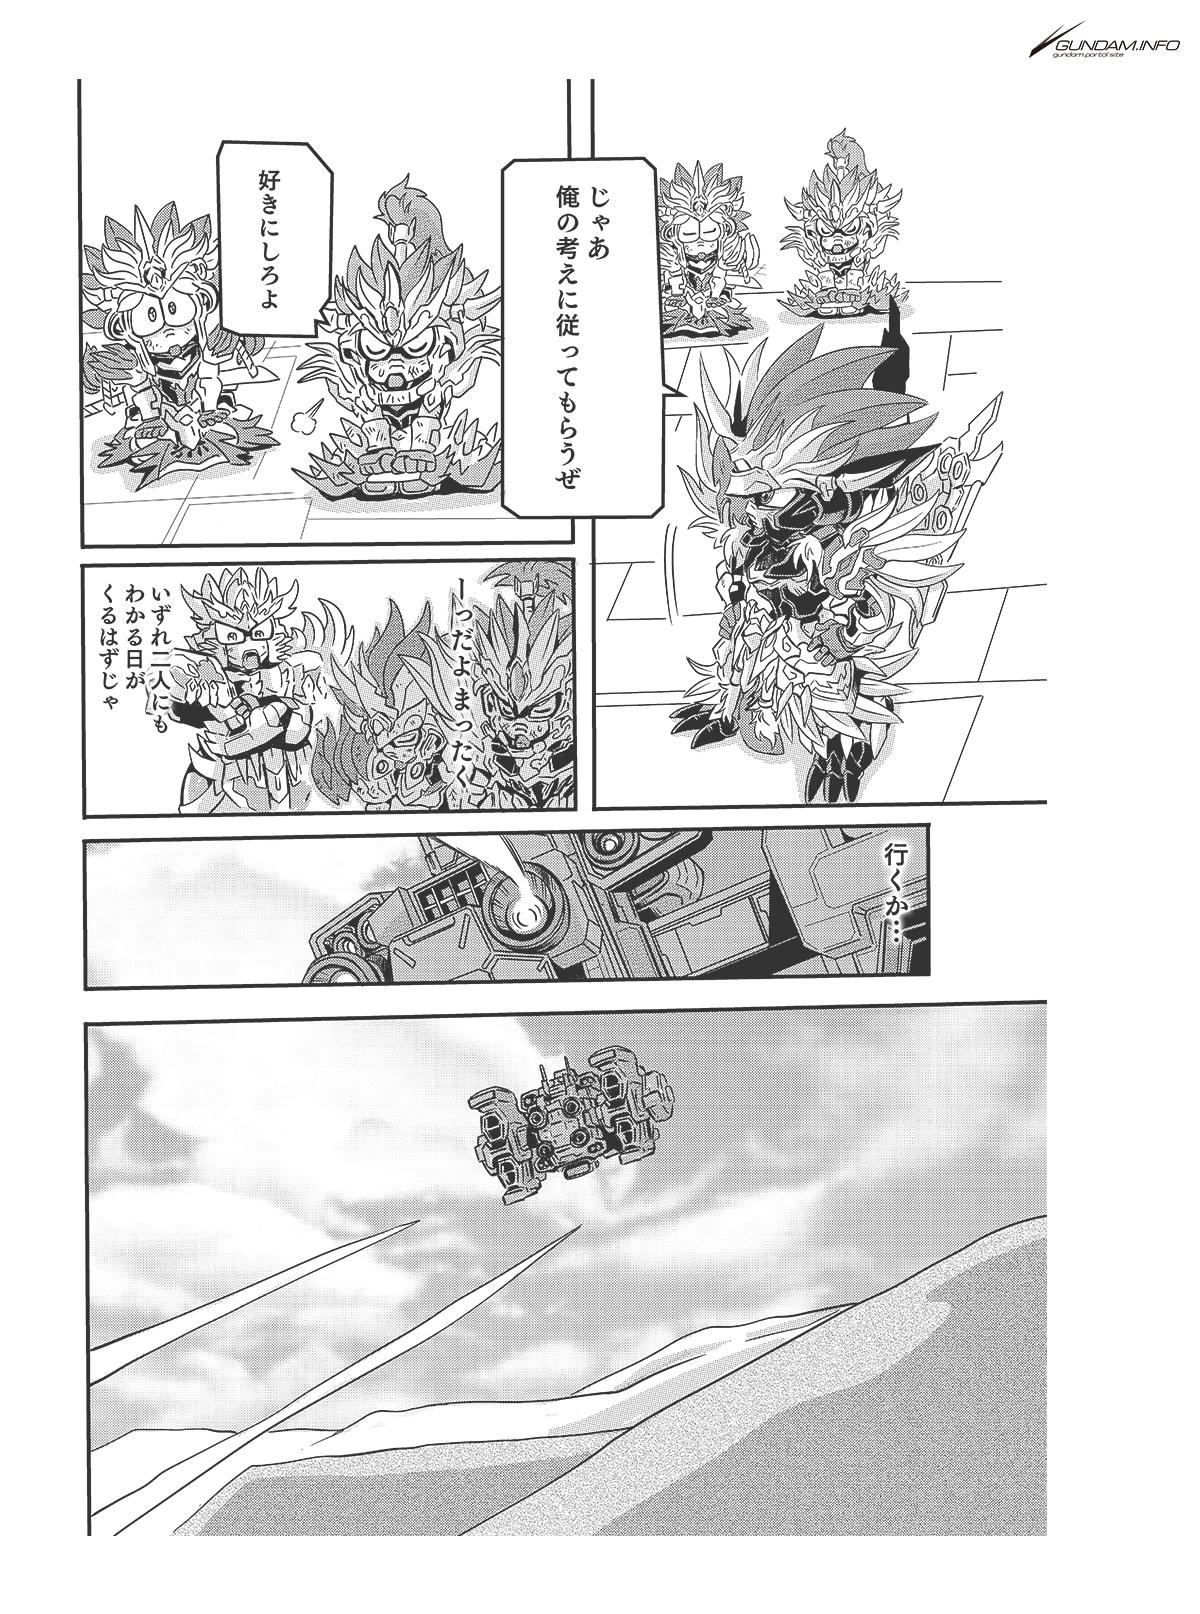 SDガンダムワールド 三国創傑伝 焔虎譚 第8話 P16